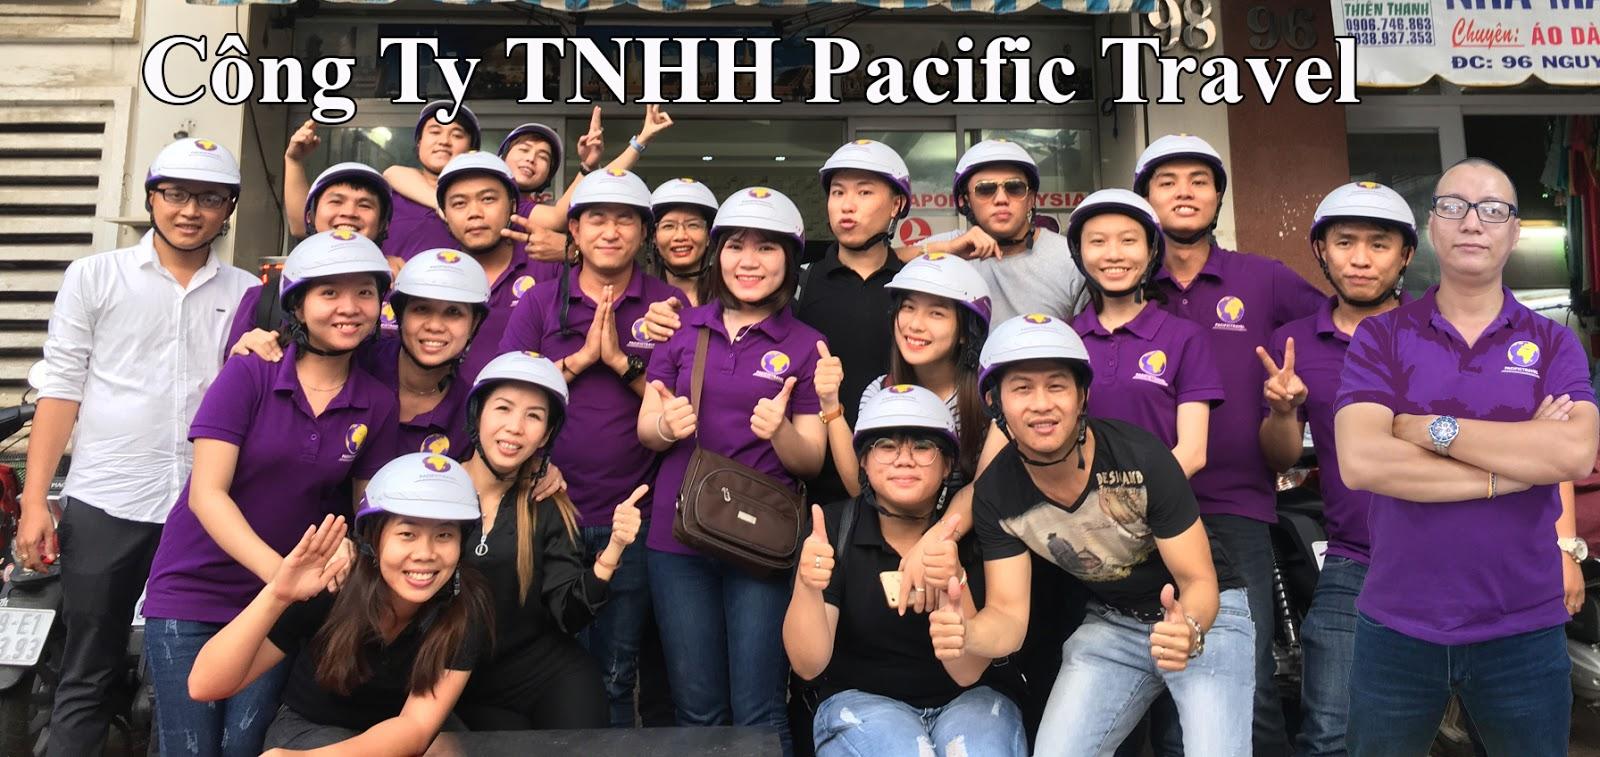 Công ty TNHH Pacific Travel truyền thông du lịch hiệu quả